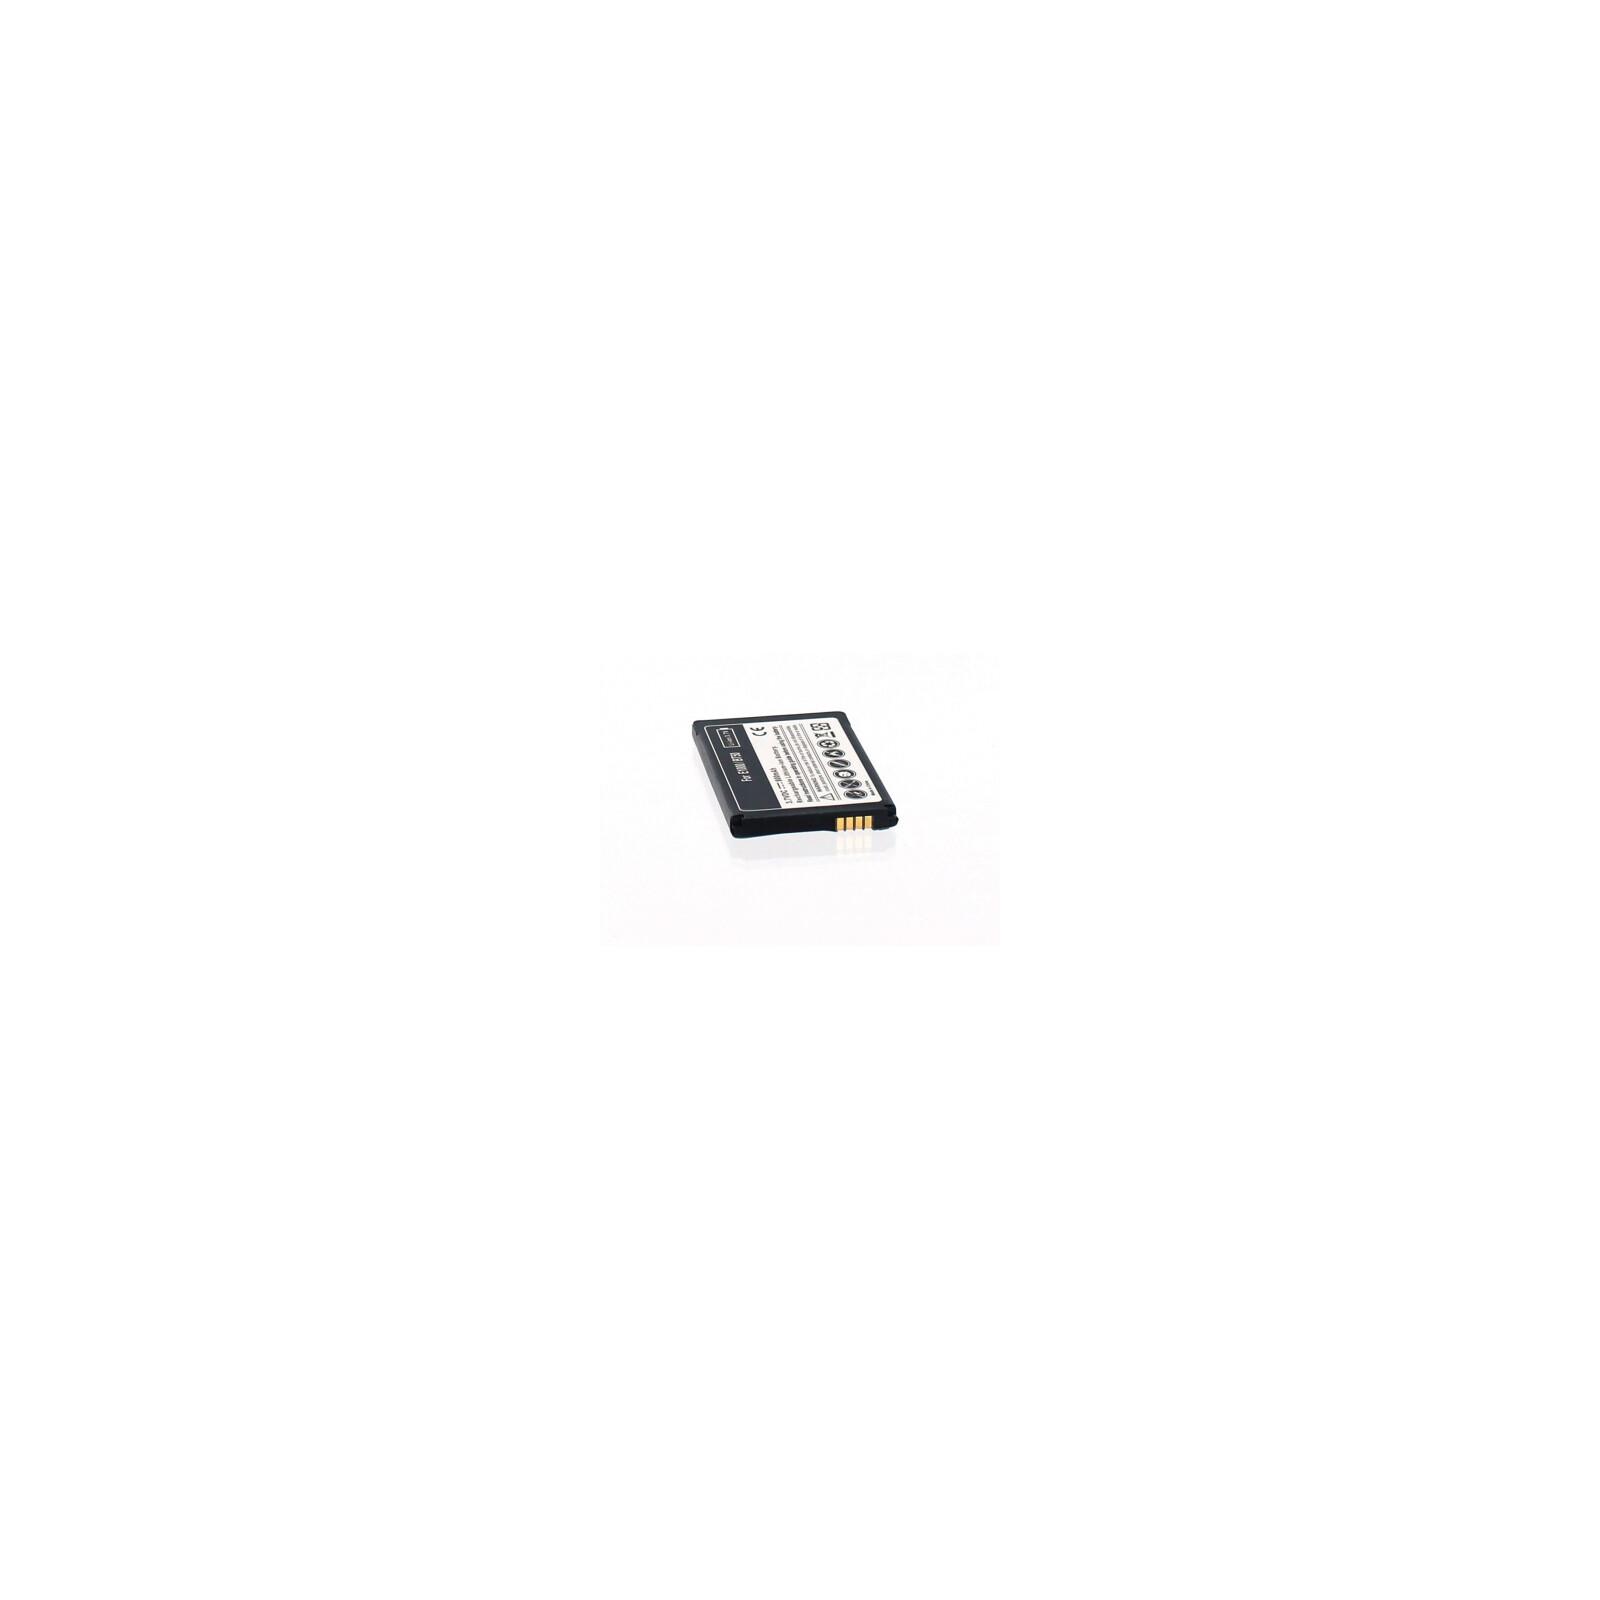 AGI Akku Motorola W218 700mAh